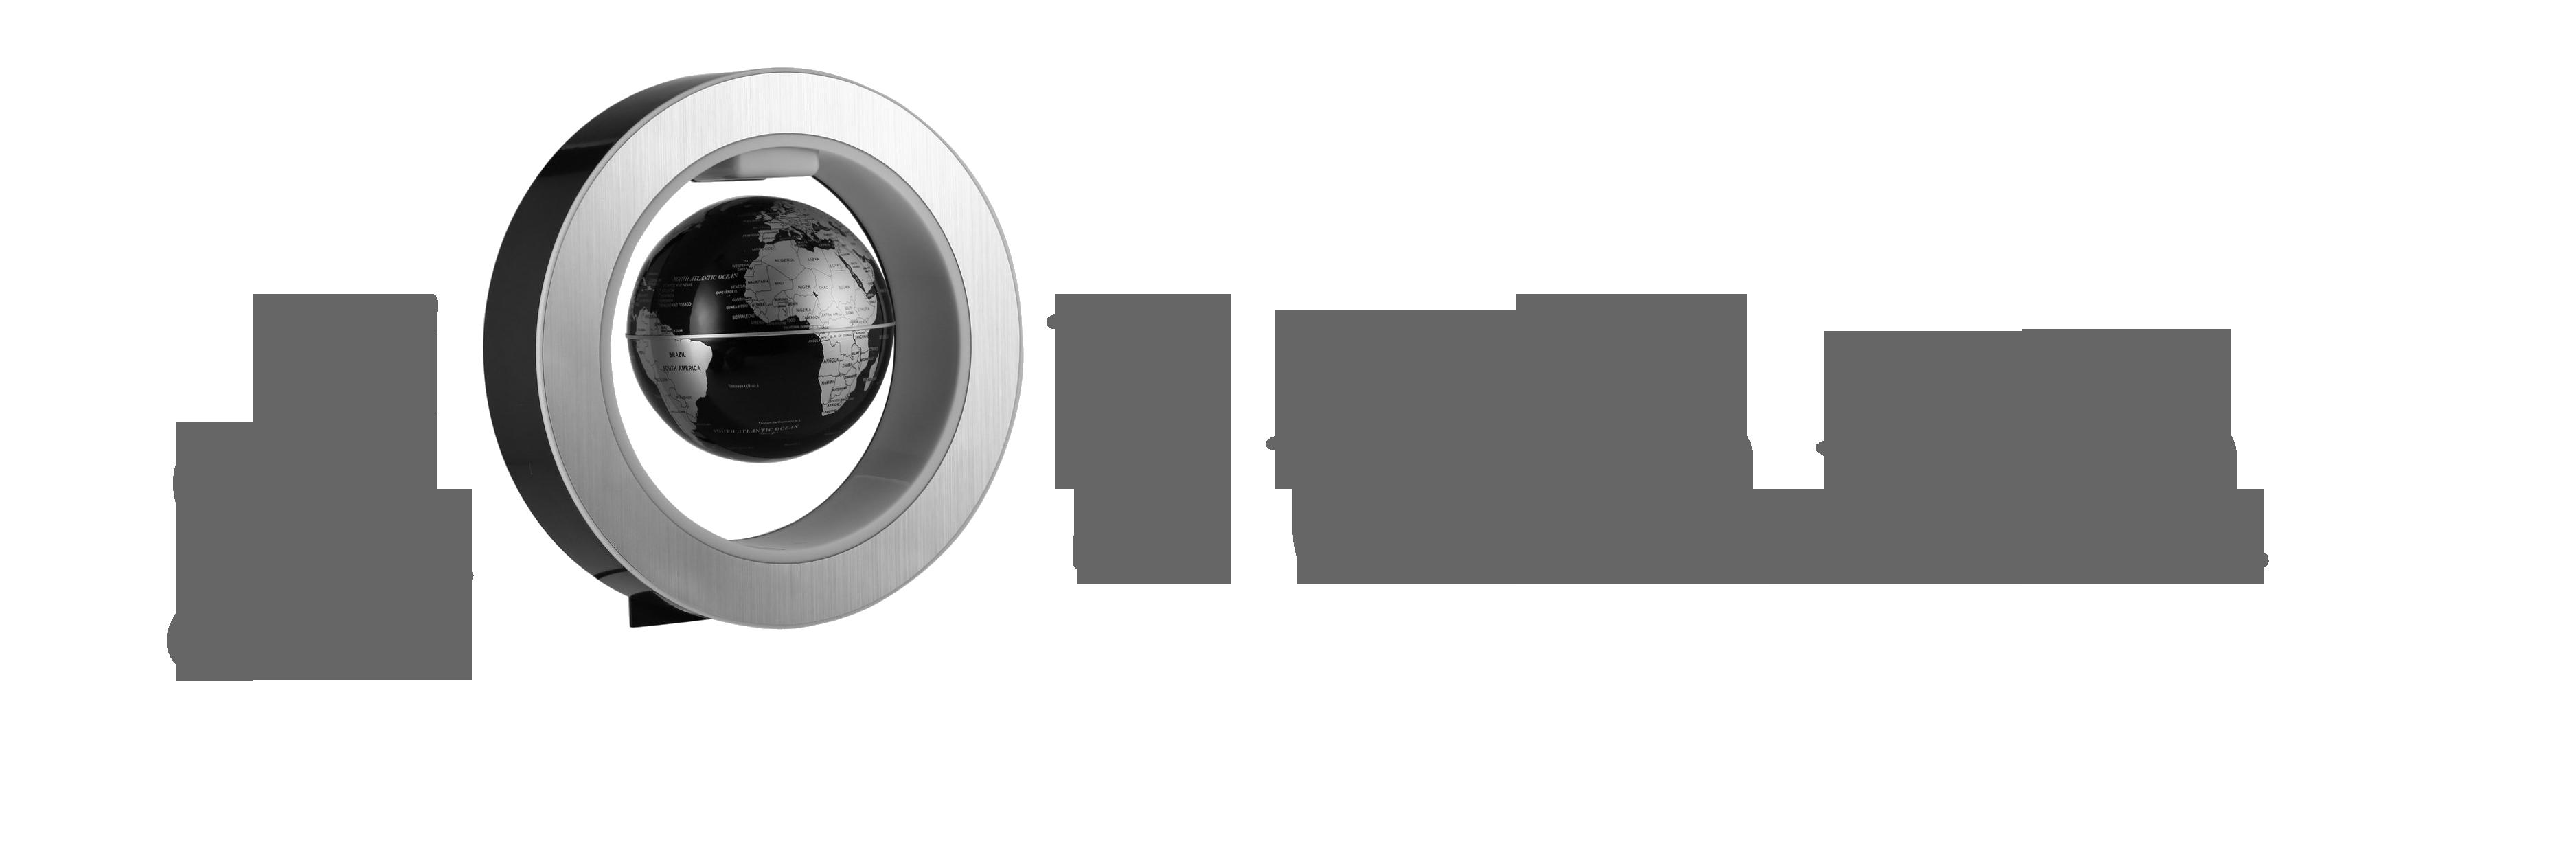 Globularia-Academia Română de Imagine şi Imaginar Educațional